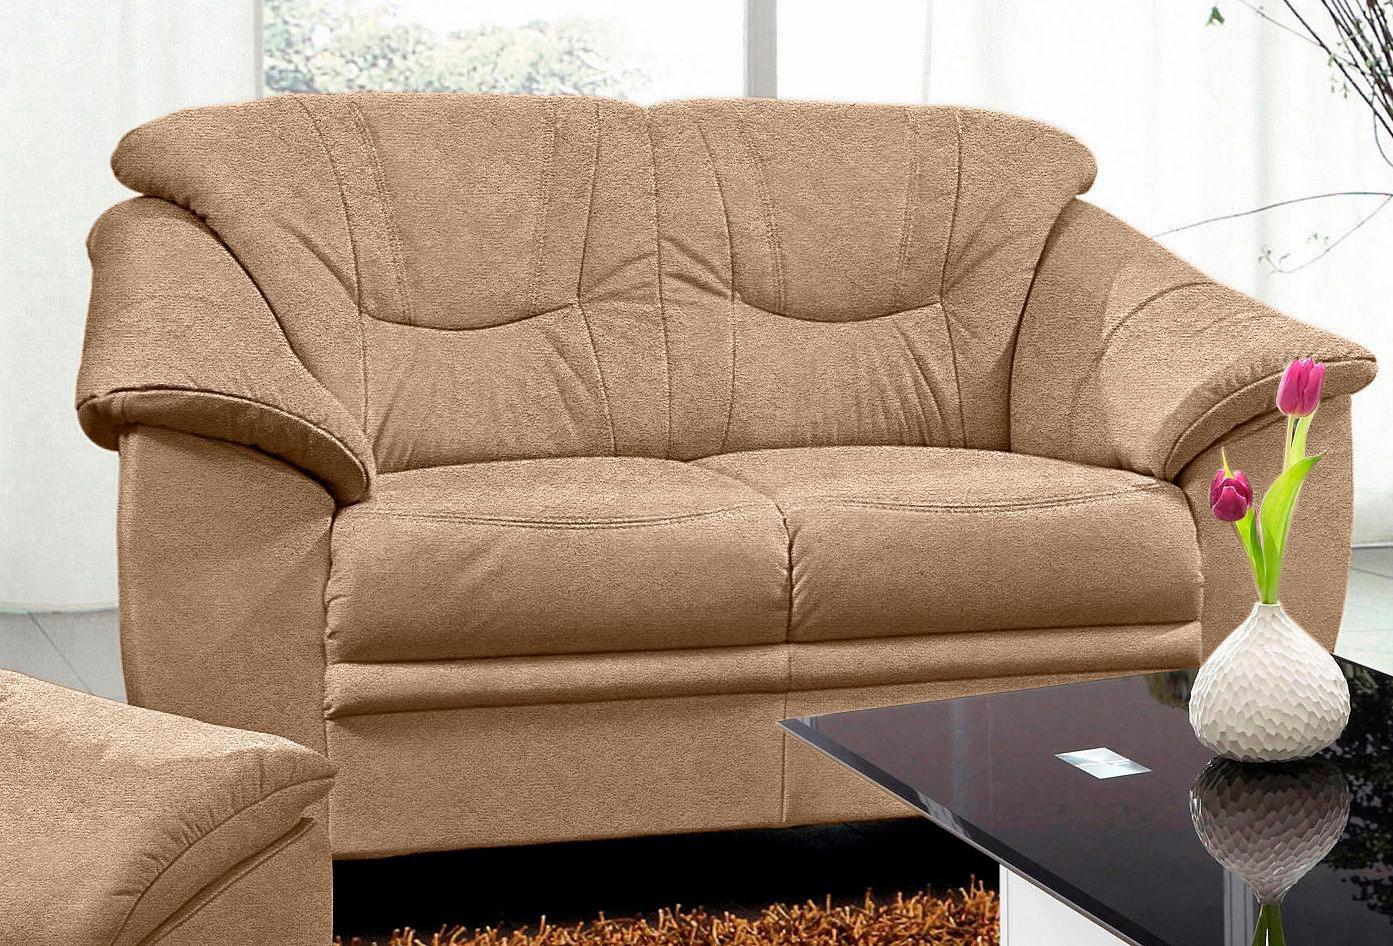 sofas g nstig online kaufen beim schwab versand. Black Bedroom Furniture Sets. Home Design Ideas